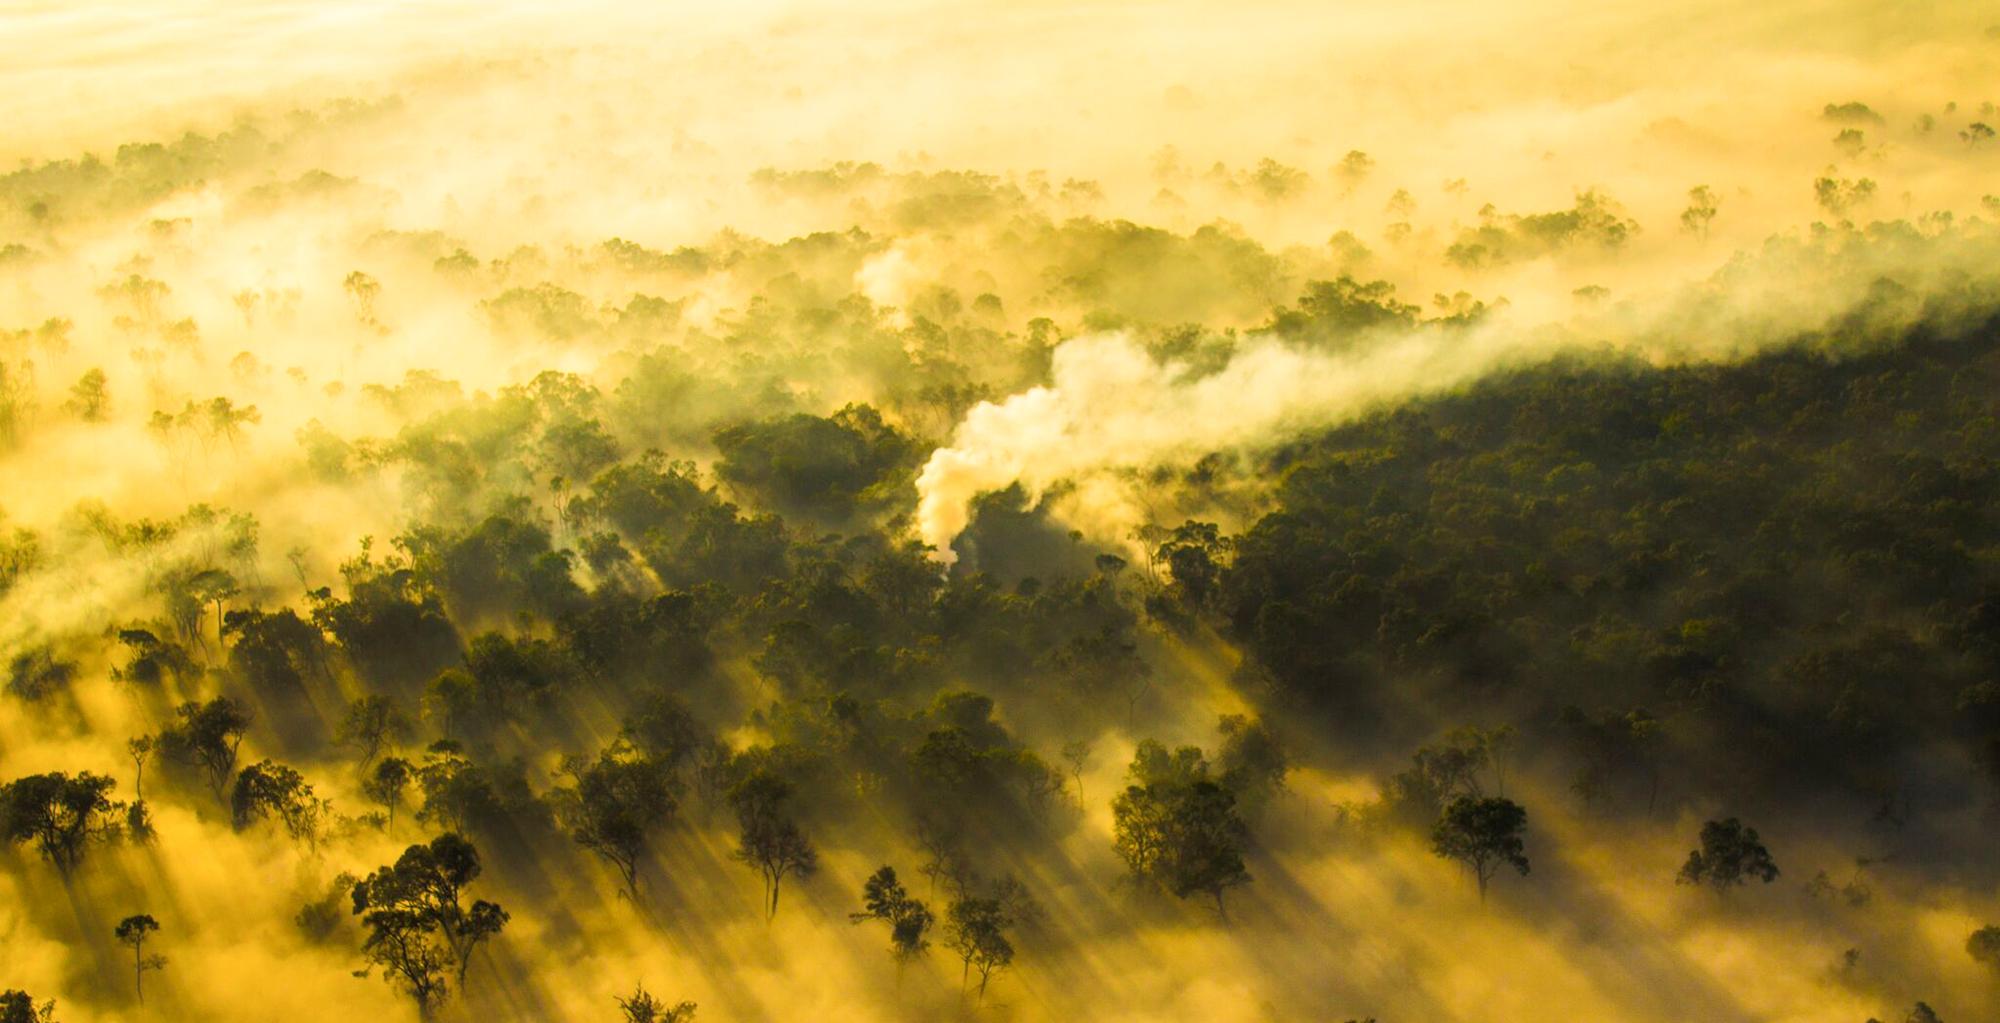 Enonkishu-Kenya-Aerial